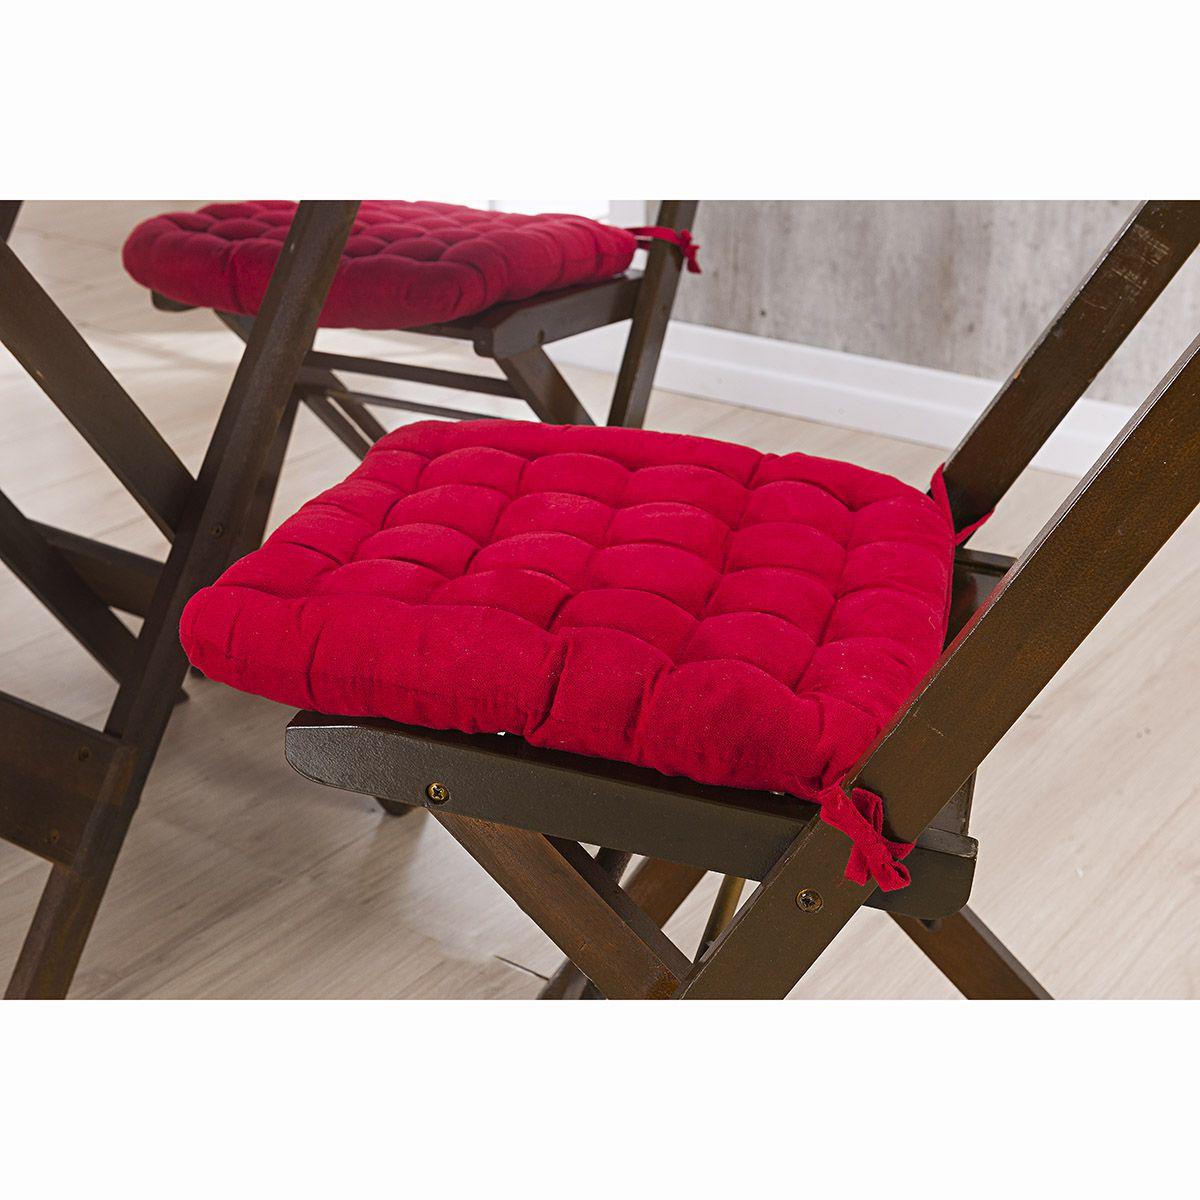 Assento P/ Cadeira - Futton - Kalamar - 40cm x 40cm - Vermelho - Niazitex